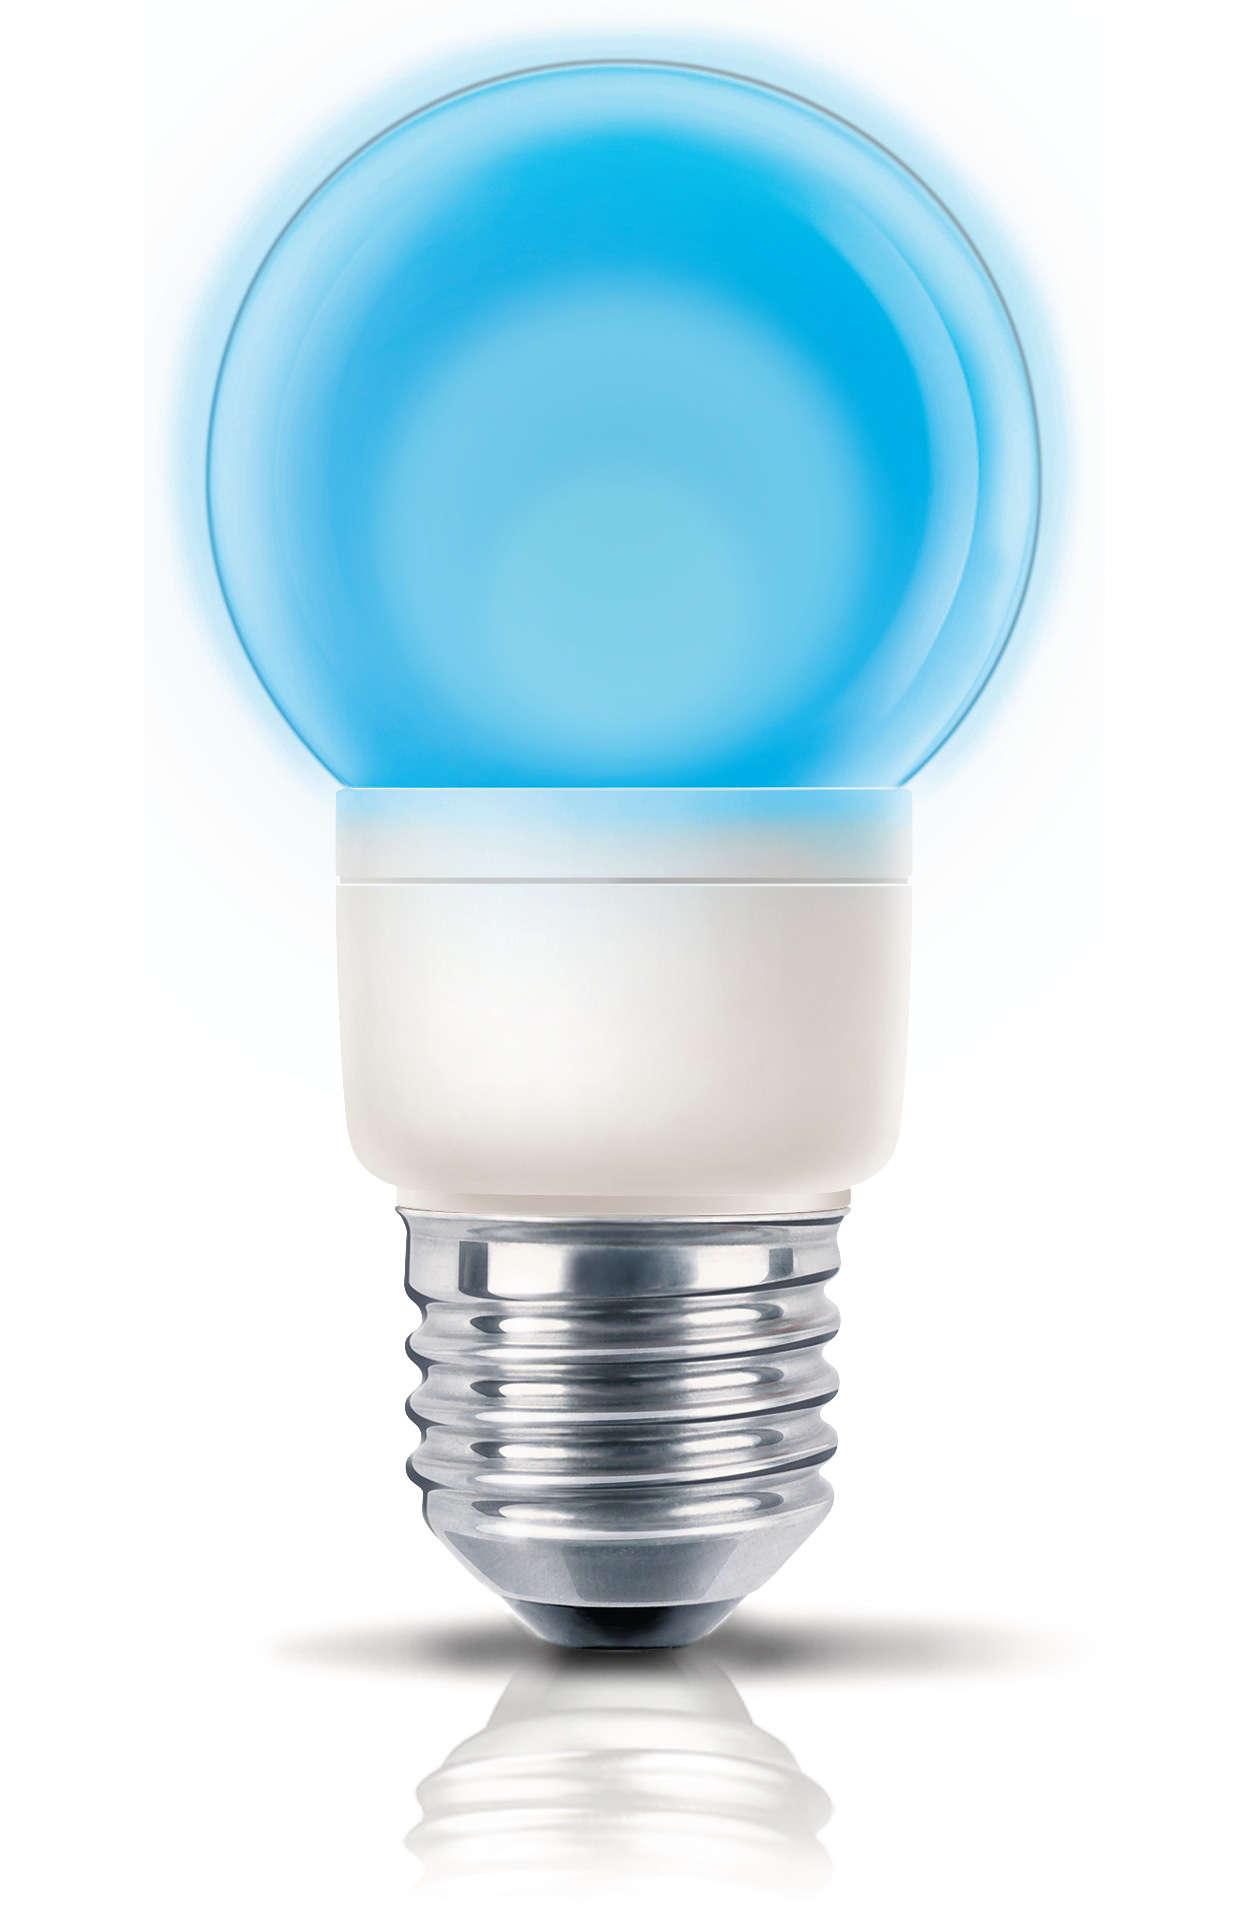 Lumină jucăuşă şi colorată